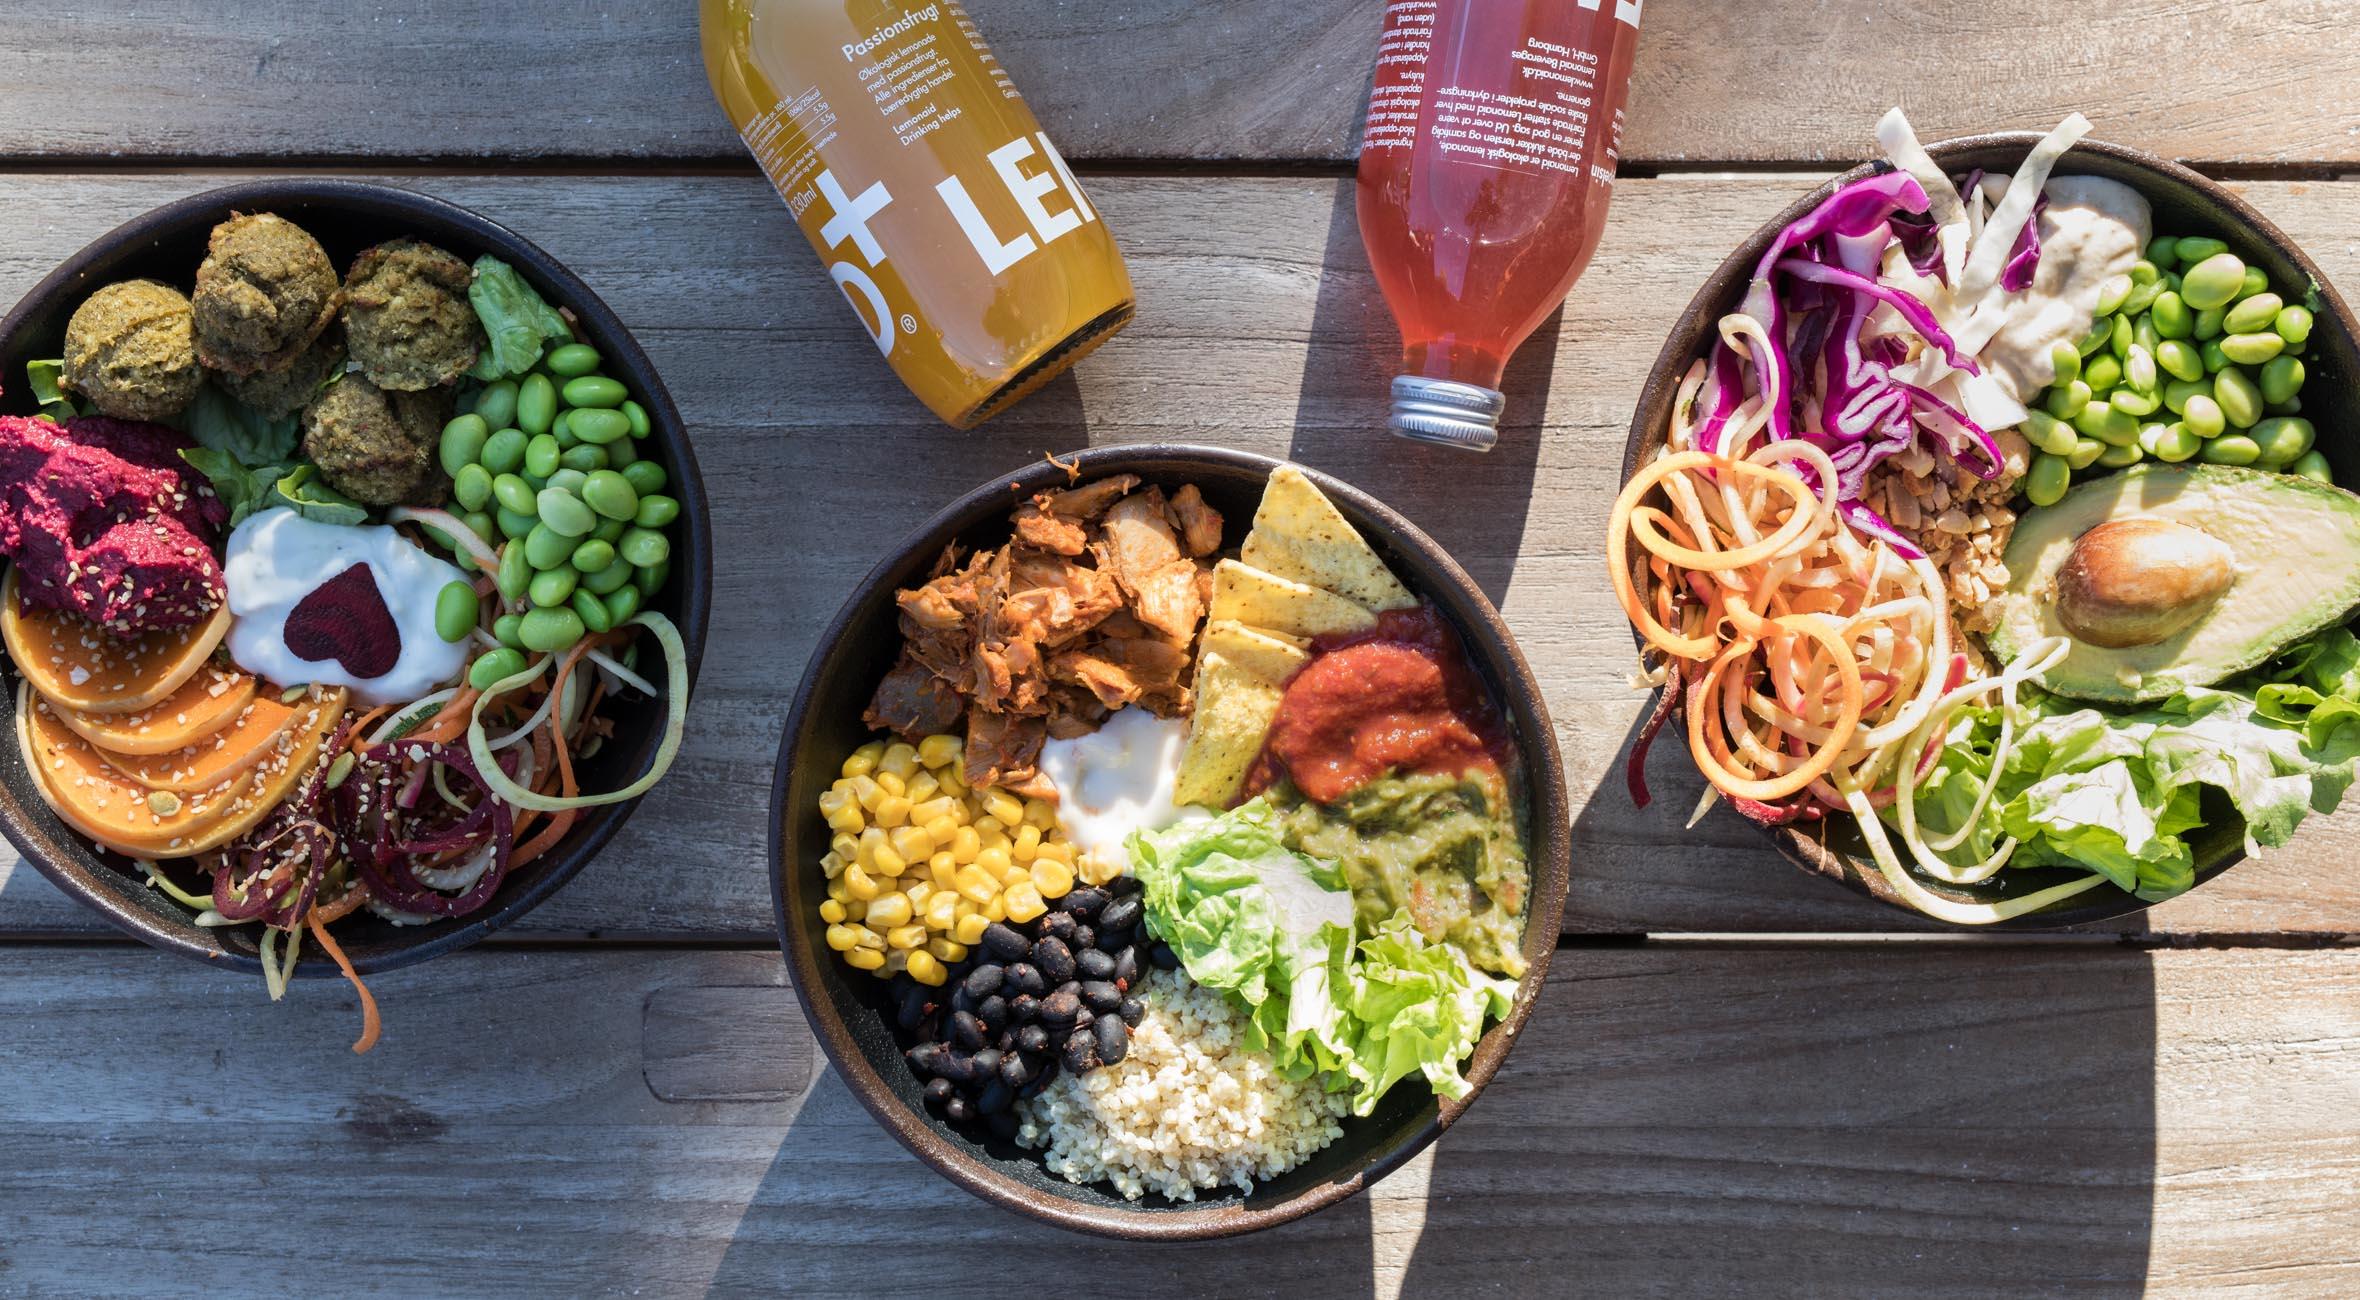 2 x luksus bowl + 2 x lemonade hos populære Gló – Islandsk raw-dronning byder på økologisk og vegansk comfort food i verdensklasse